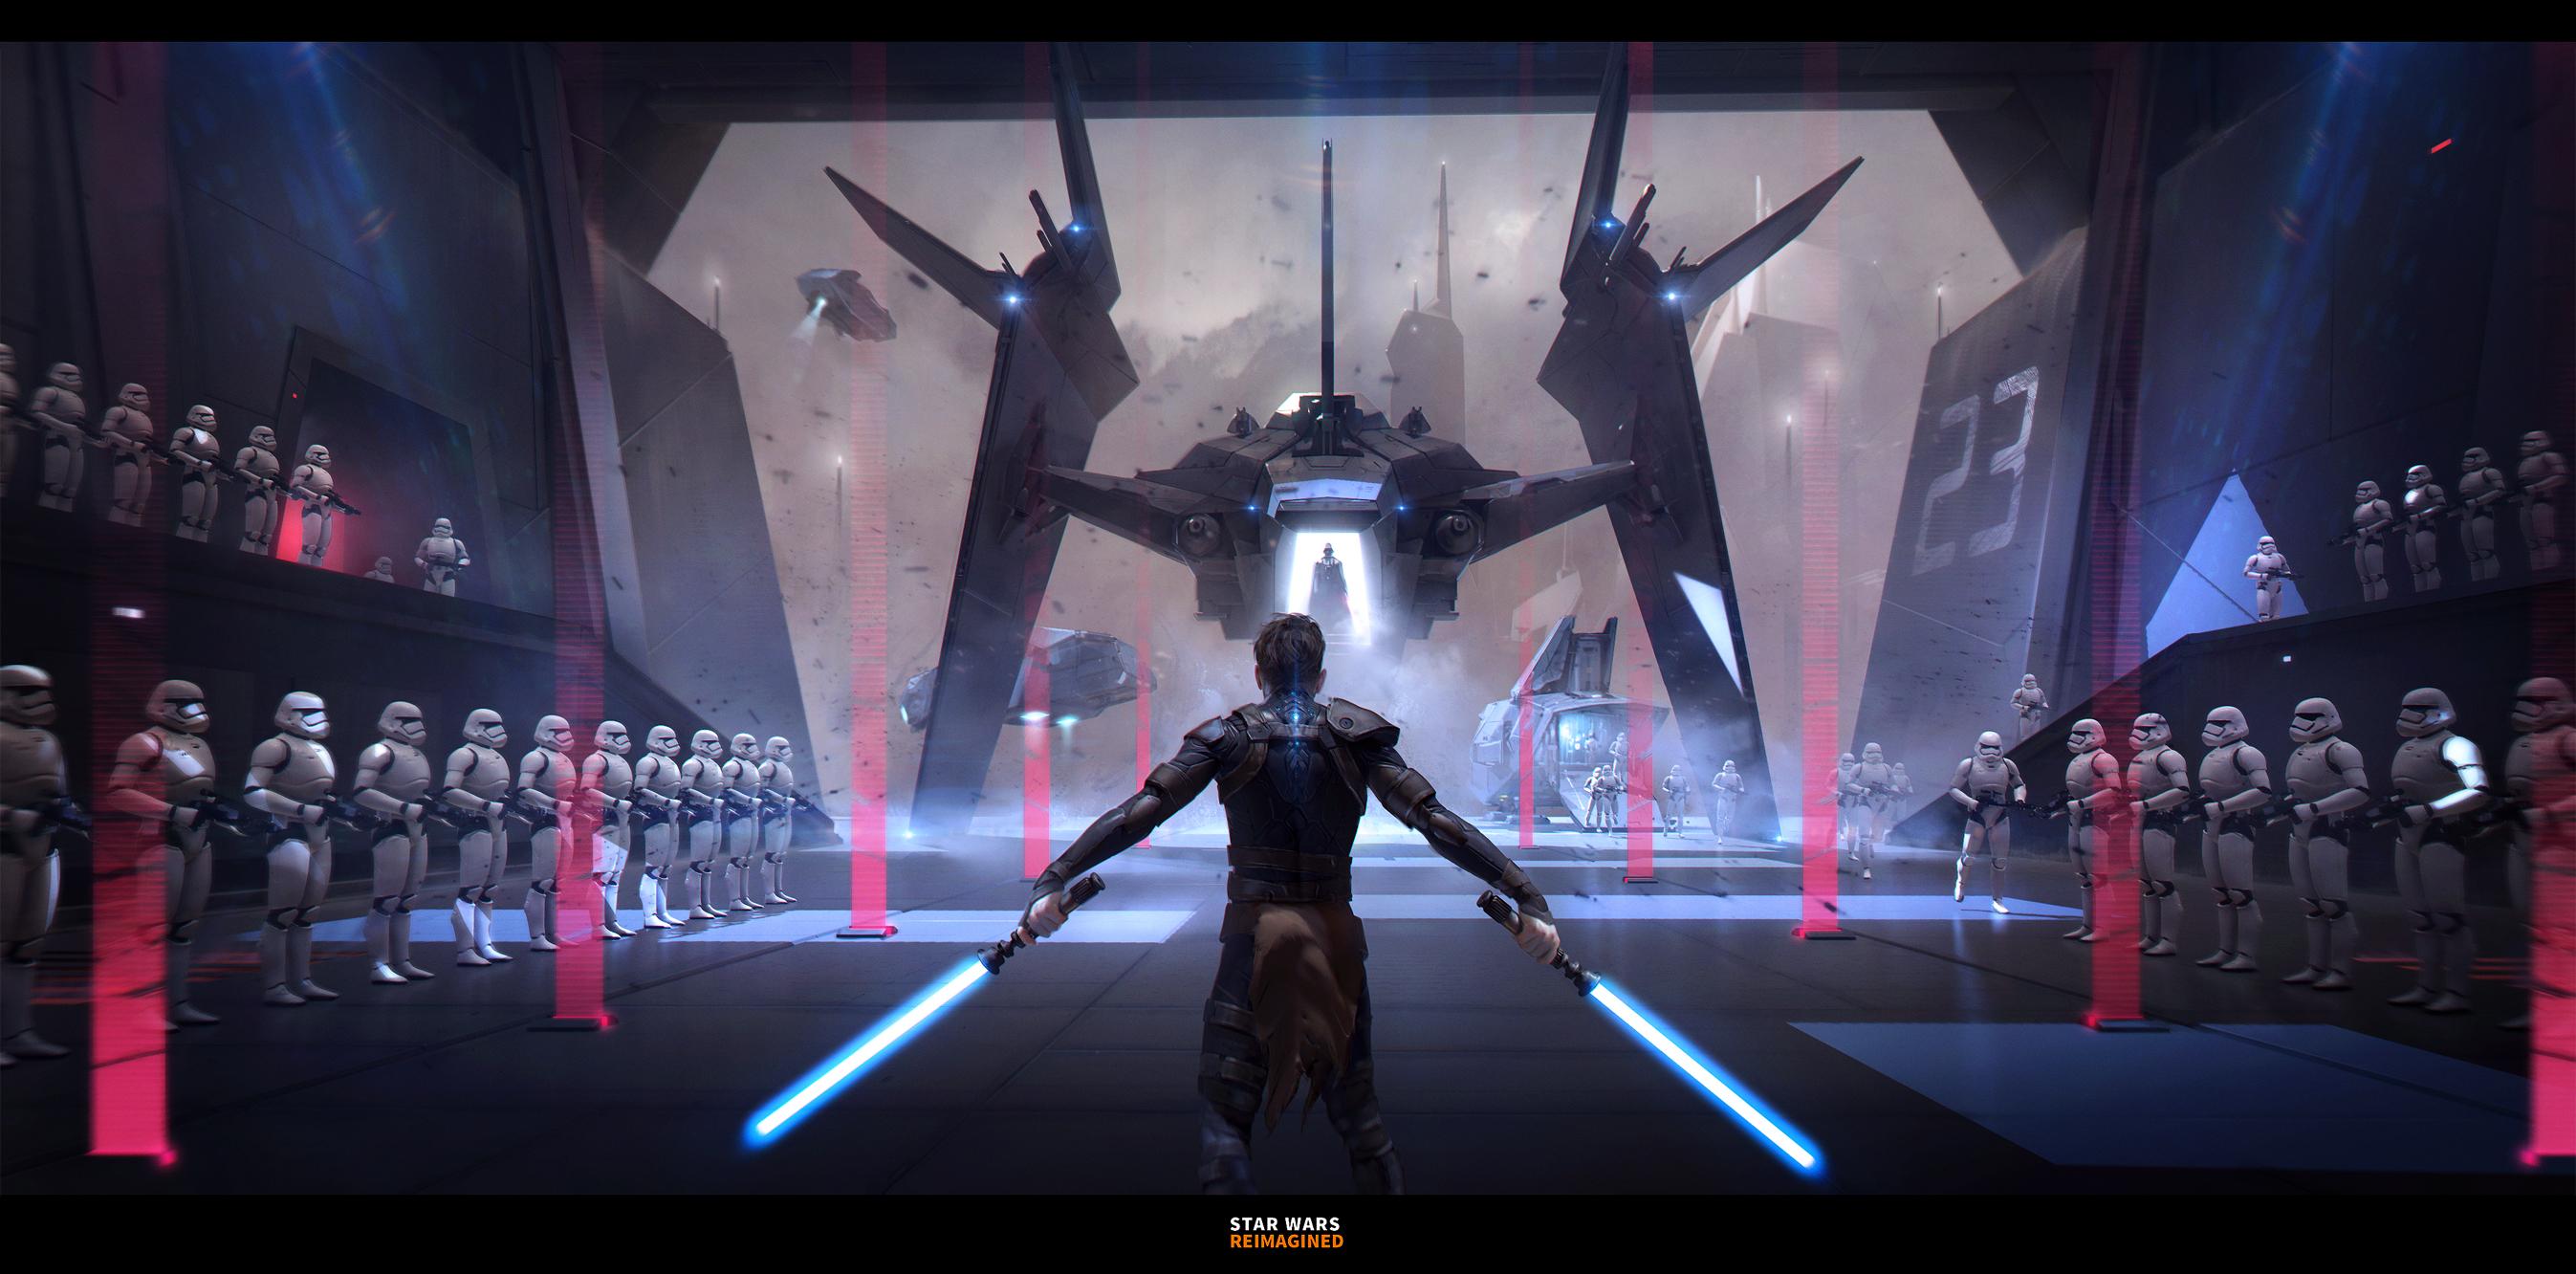 kuz-star-wars-reimagined-1-8b5aa556-7cy7